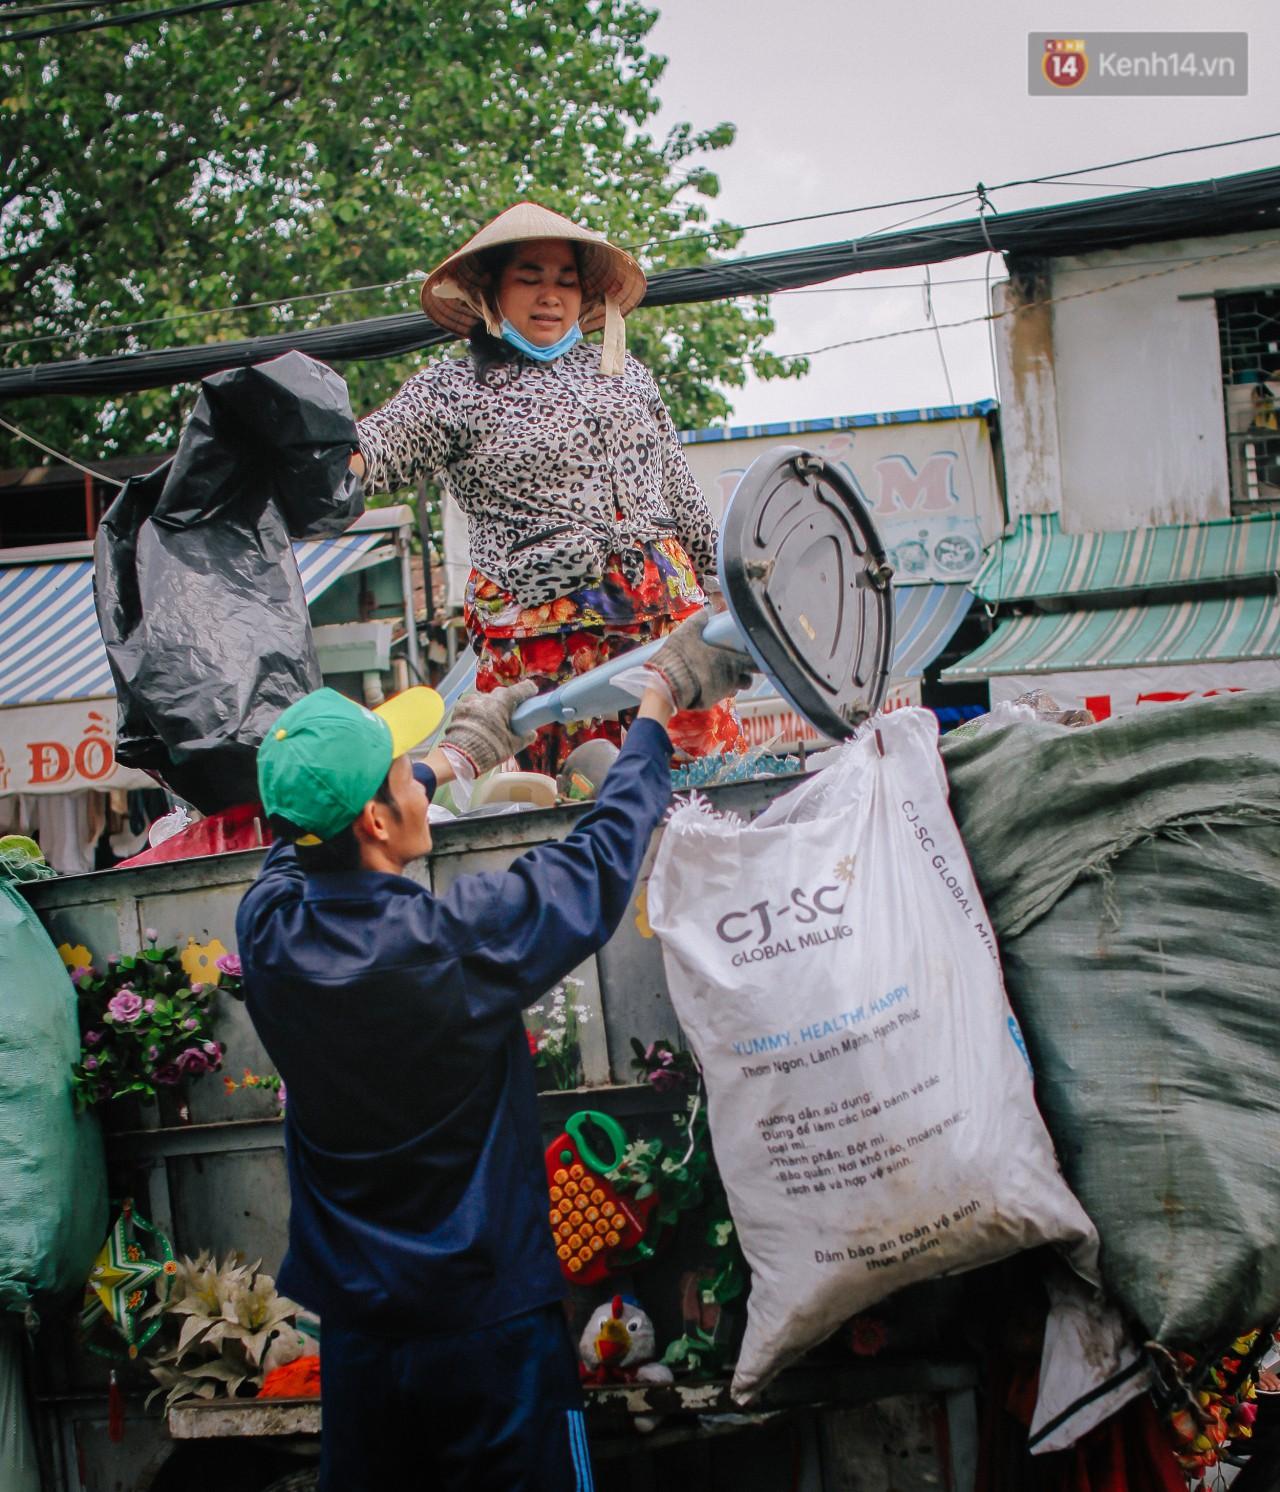 Có một cái Tết rất đẹp trên những chiếc xe mưu sinh của anh nhân viên vệ sinh và anh bán trái cây dạo ở Sài Gòn - Ảnh 5.